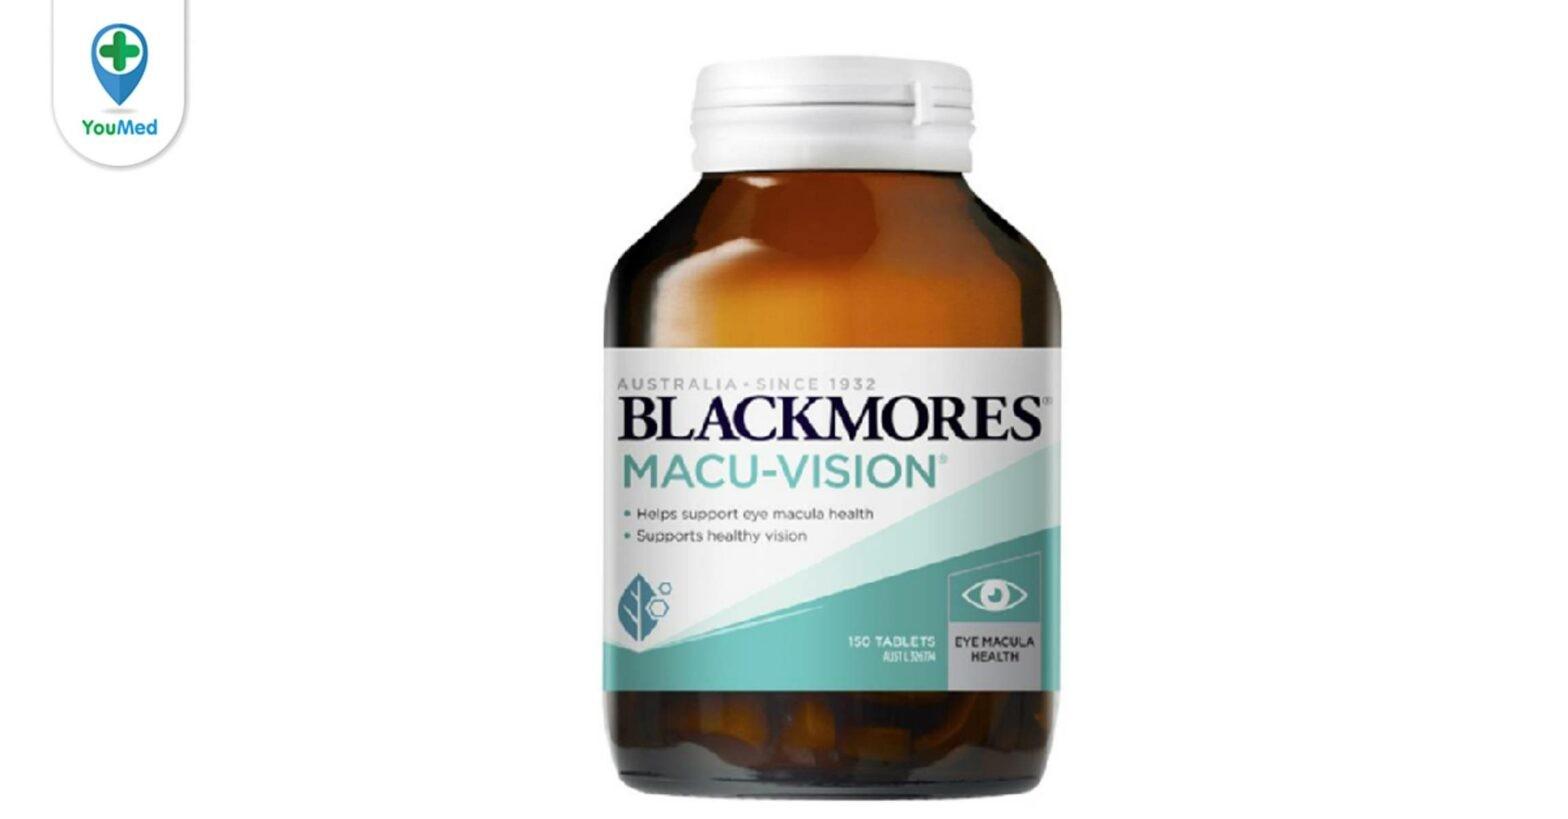 Thuốc bổ mắt Blackmores Macu Vision có tốt không? và những lưu ý